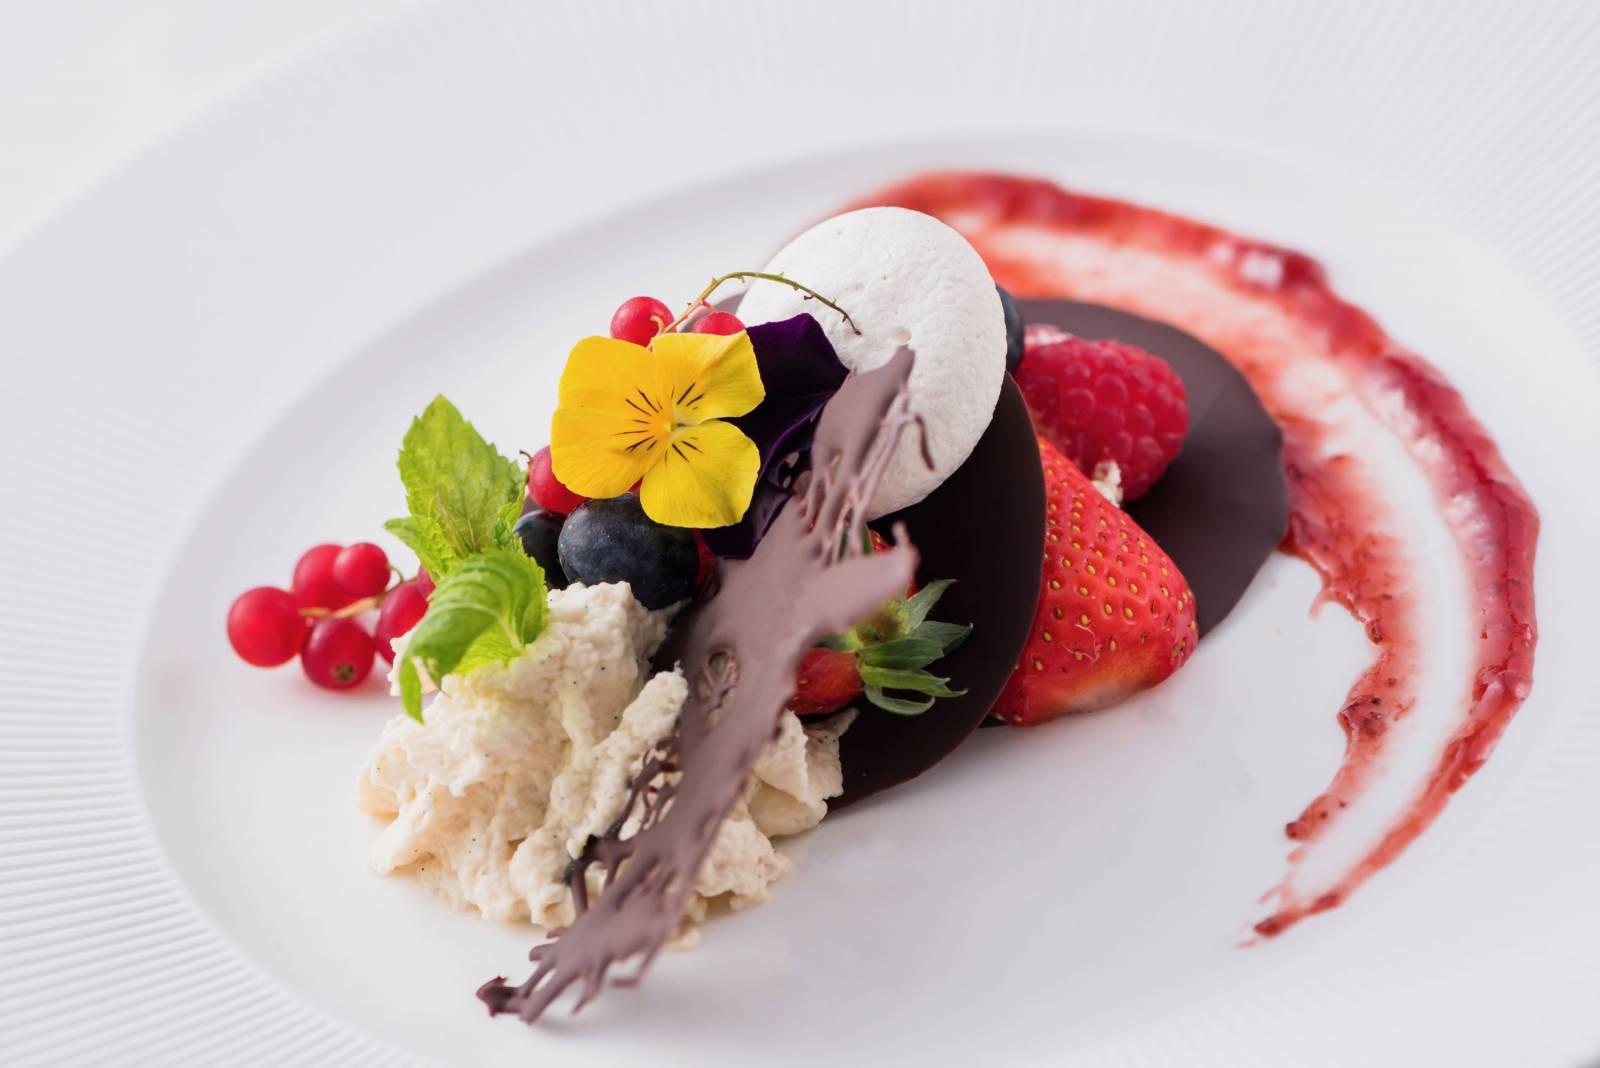 Biorganic - Catering - Cateraar - Traiteur - Biologisch - House of Weddings - 3